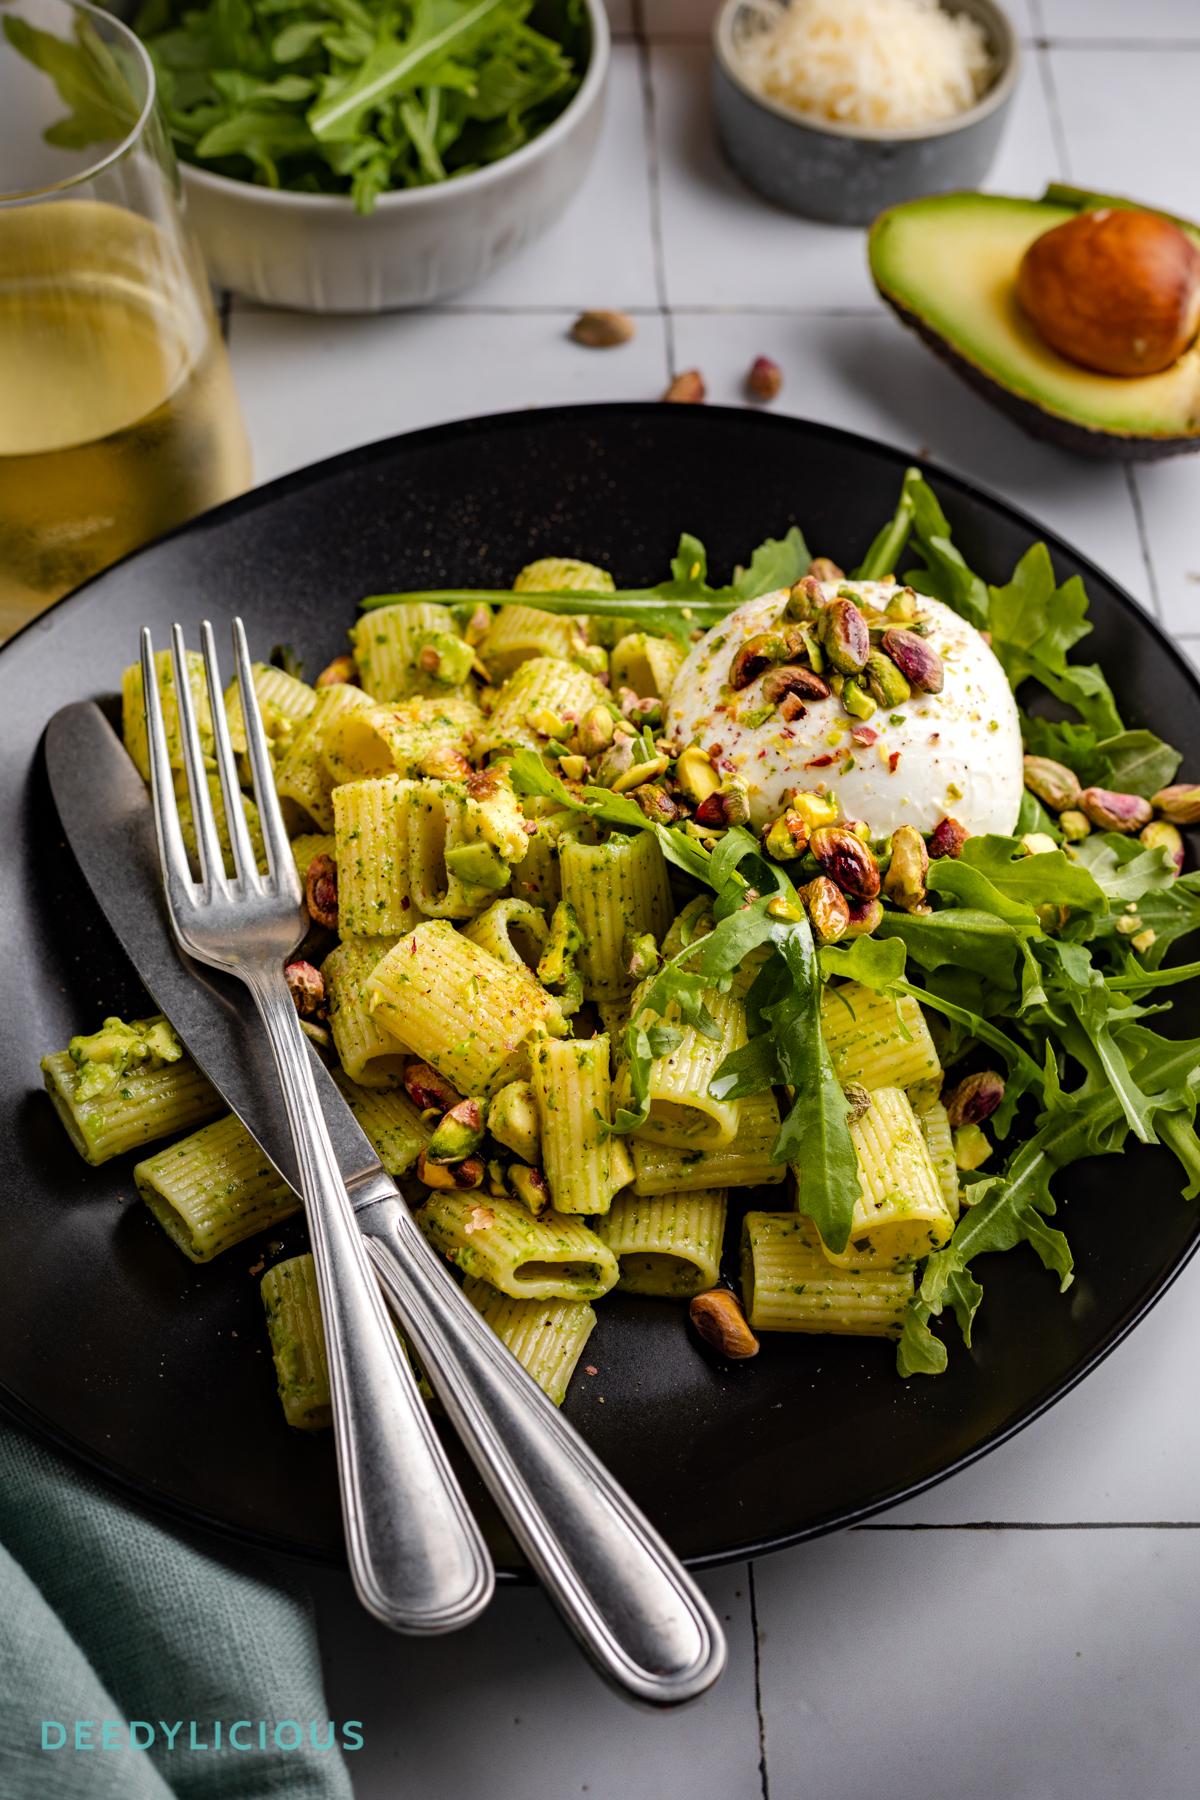 Rigatoni pasta met pesto, pistache en avocado, geserveerd op een zwart bord met witte tegels op de ondergrond